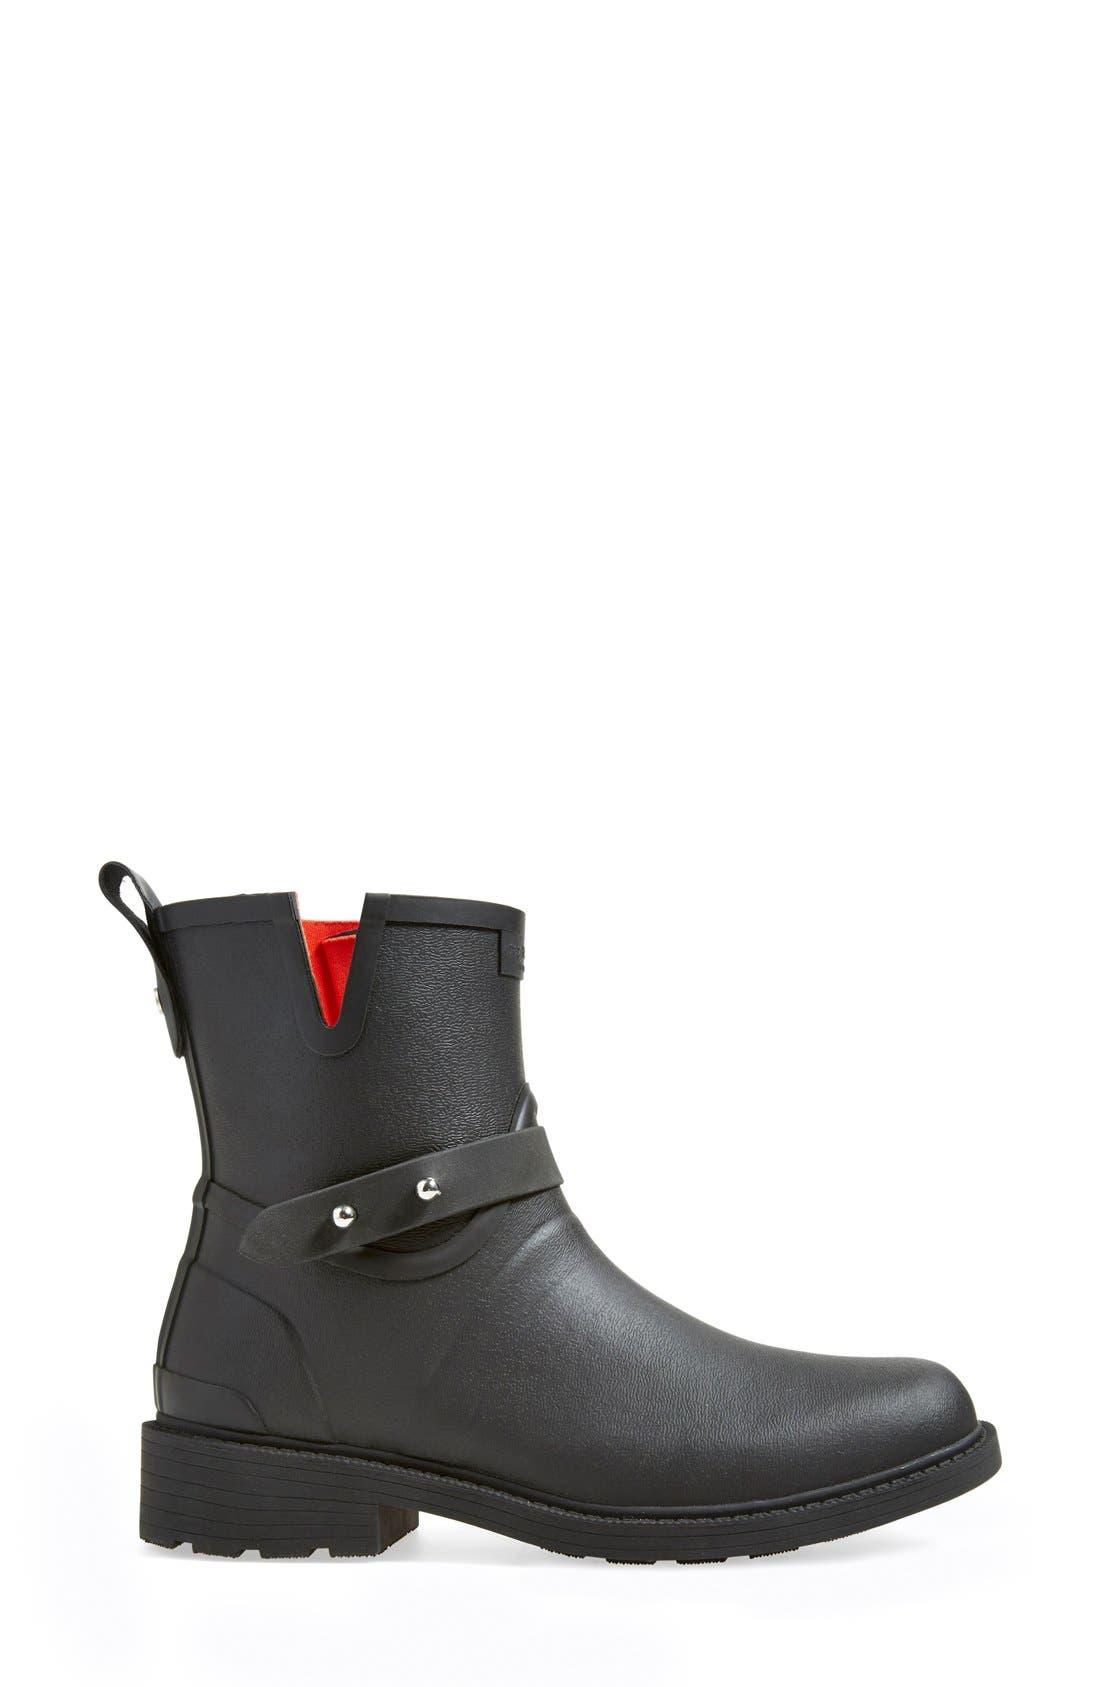 Moto Rain Boot,                             Alternate thumbnail 4, color,                             Black Rubber